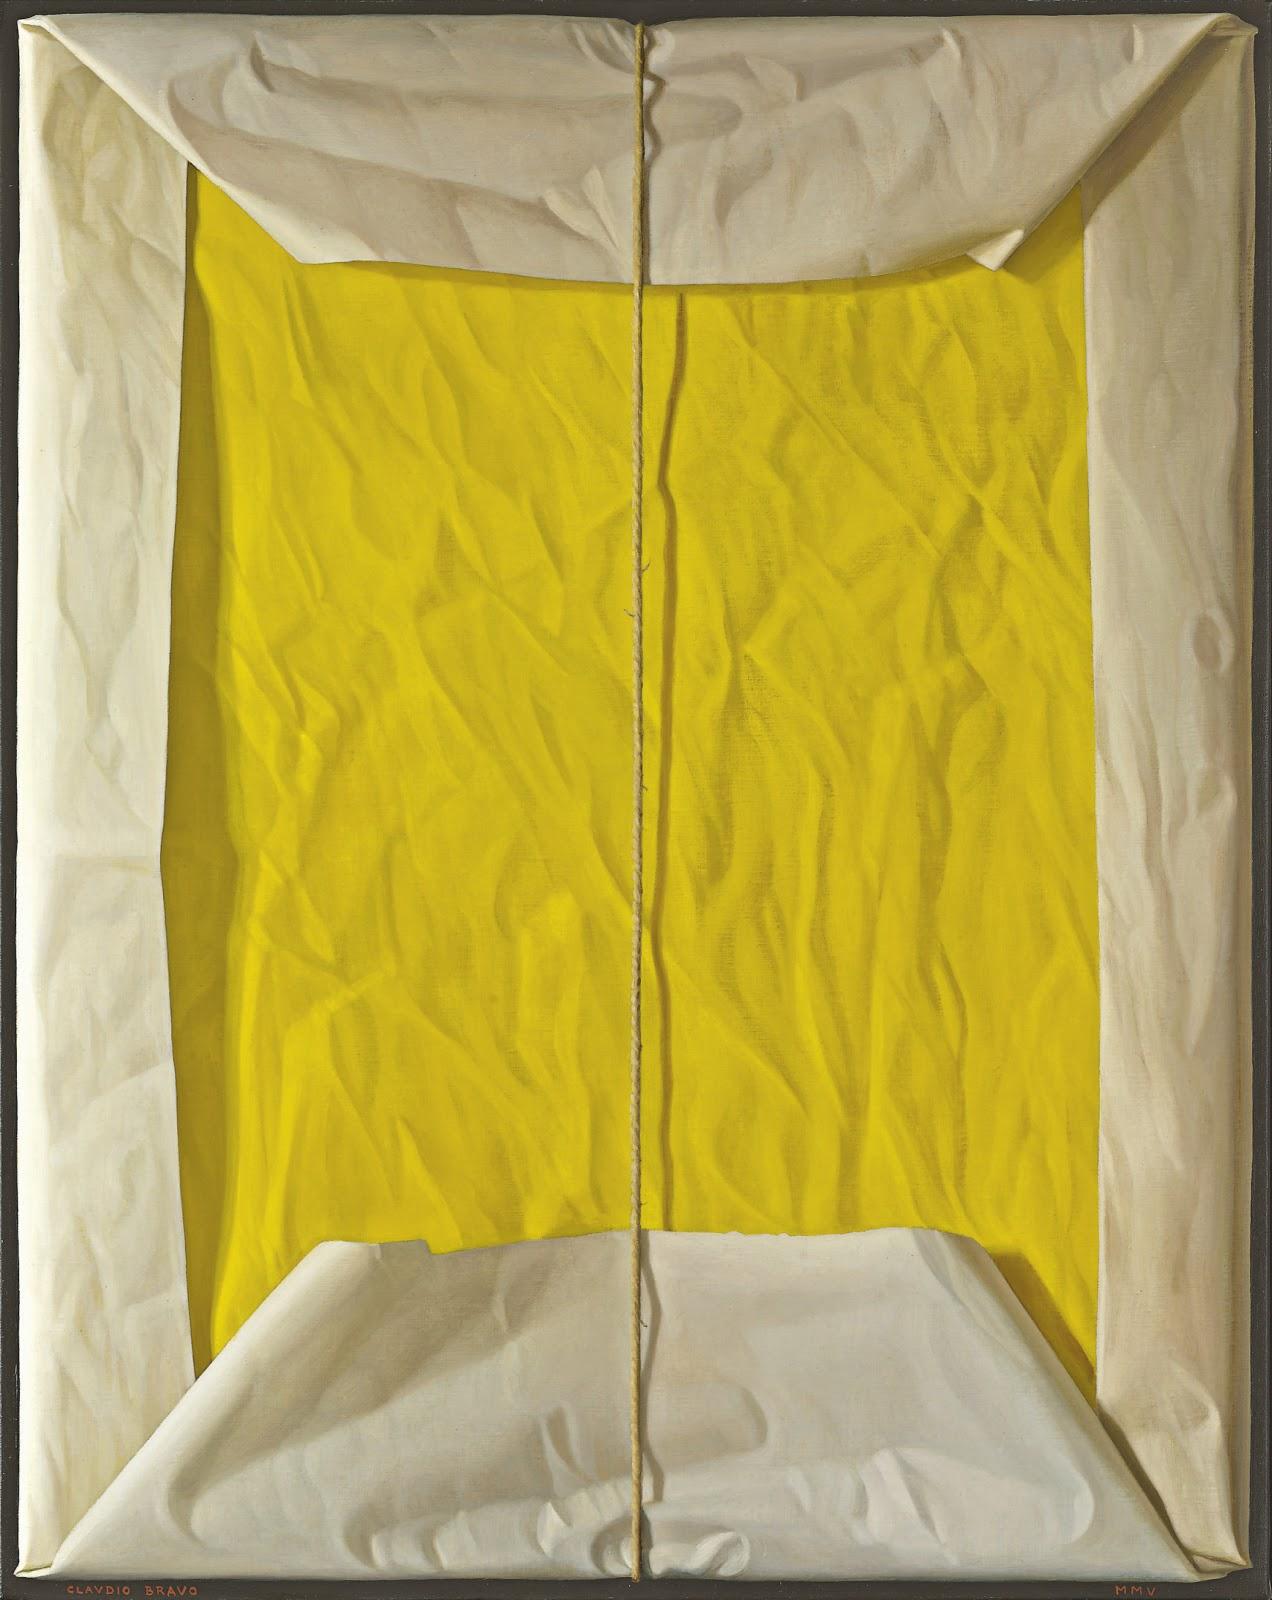 Claudio  ravo Camus White and Yellow Package